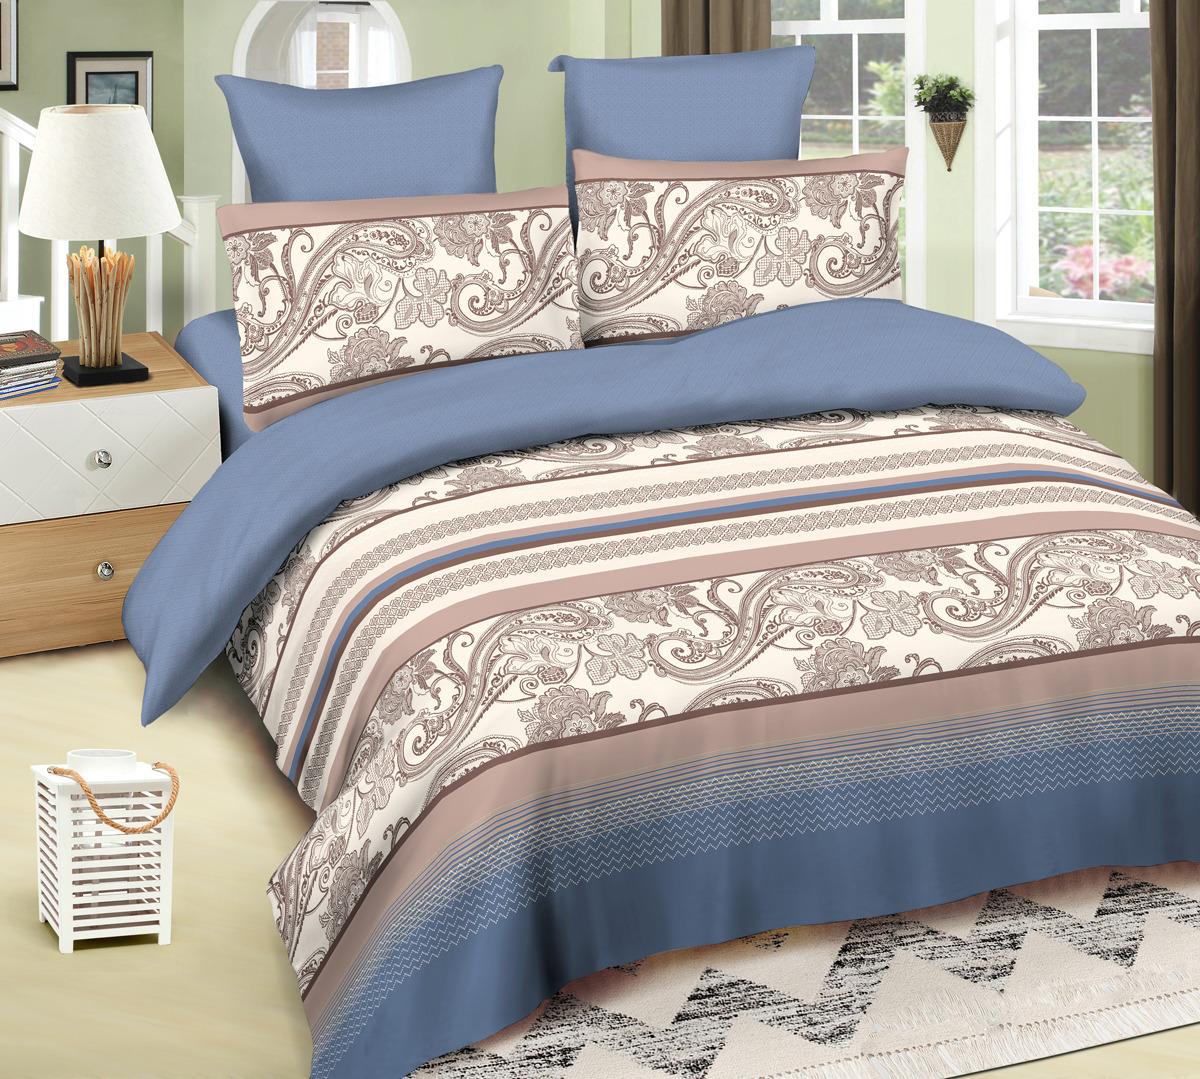 Комплект постельного белья Amore Mio Robert, 2-спальный, наволочки 70x70